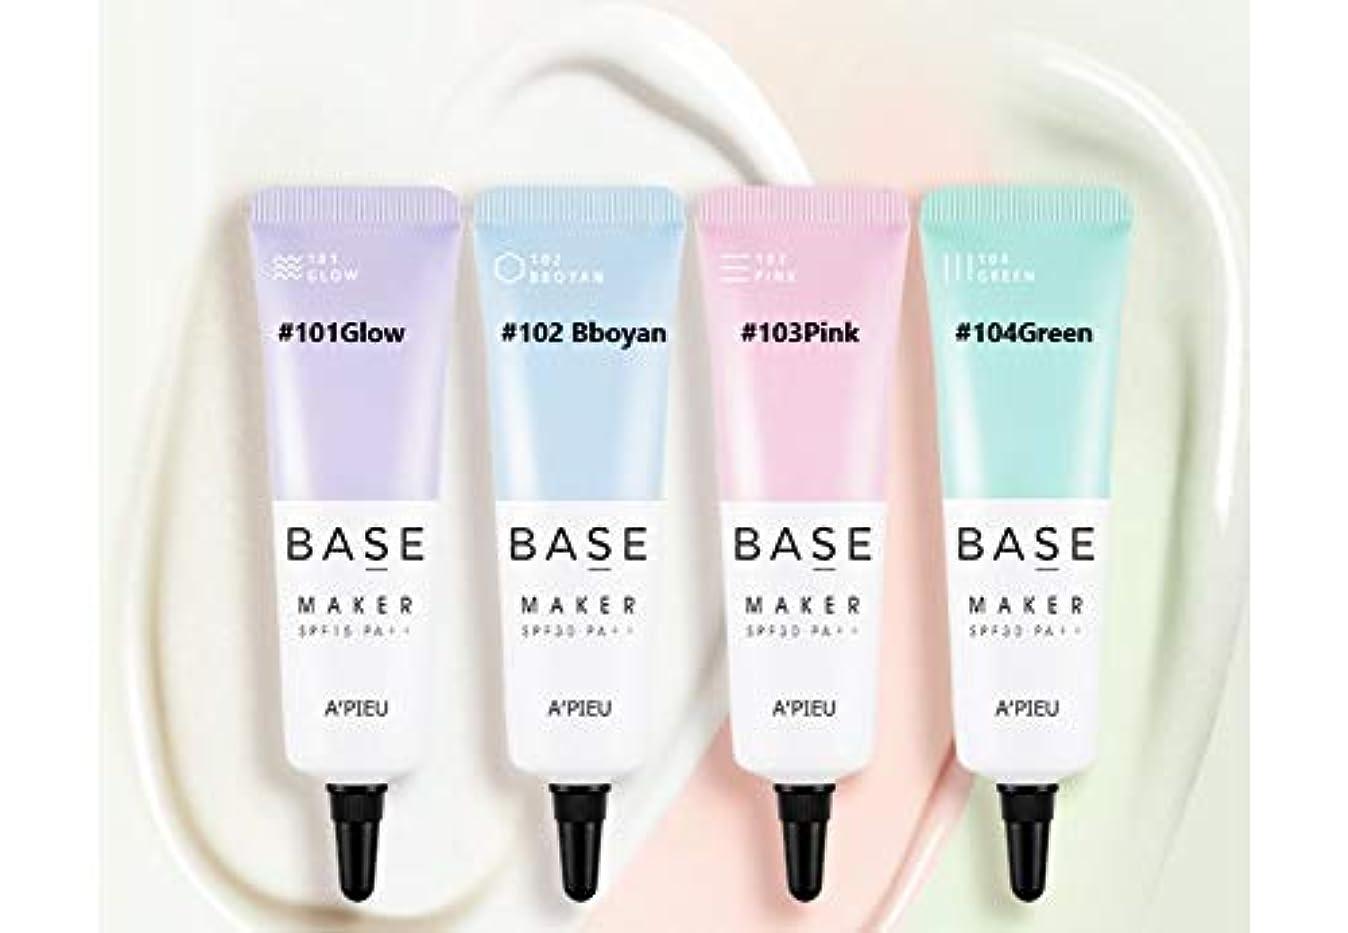 依存良さ贅沢なAPIEU☆Base Maker 20g ☆オピュ ベース メーカー20g全4色 [並行輸入品] (#102Bboyan)